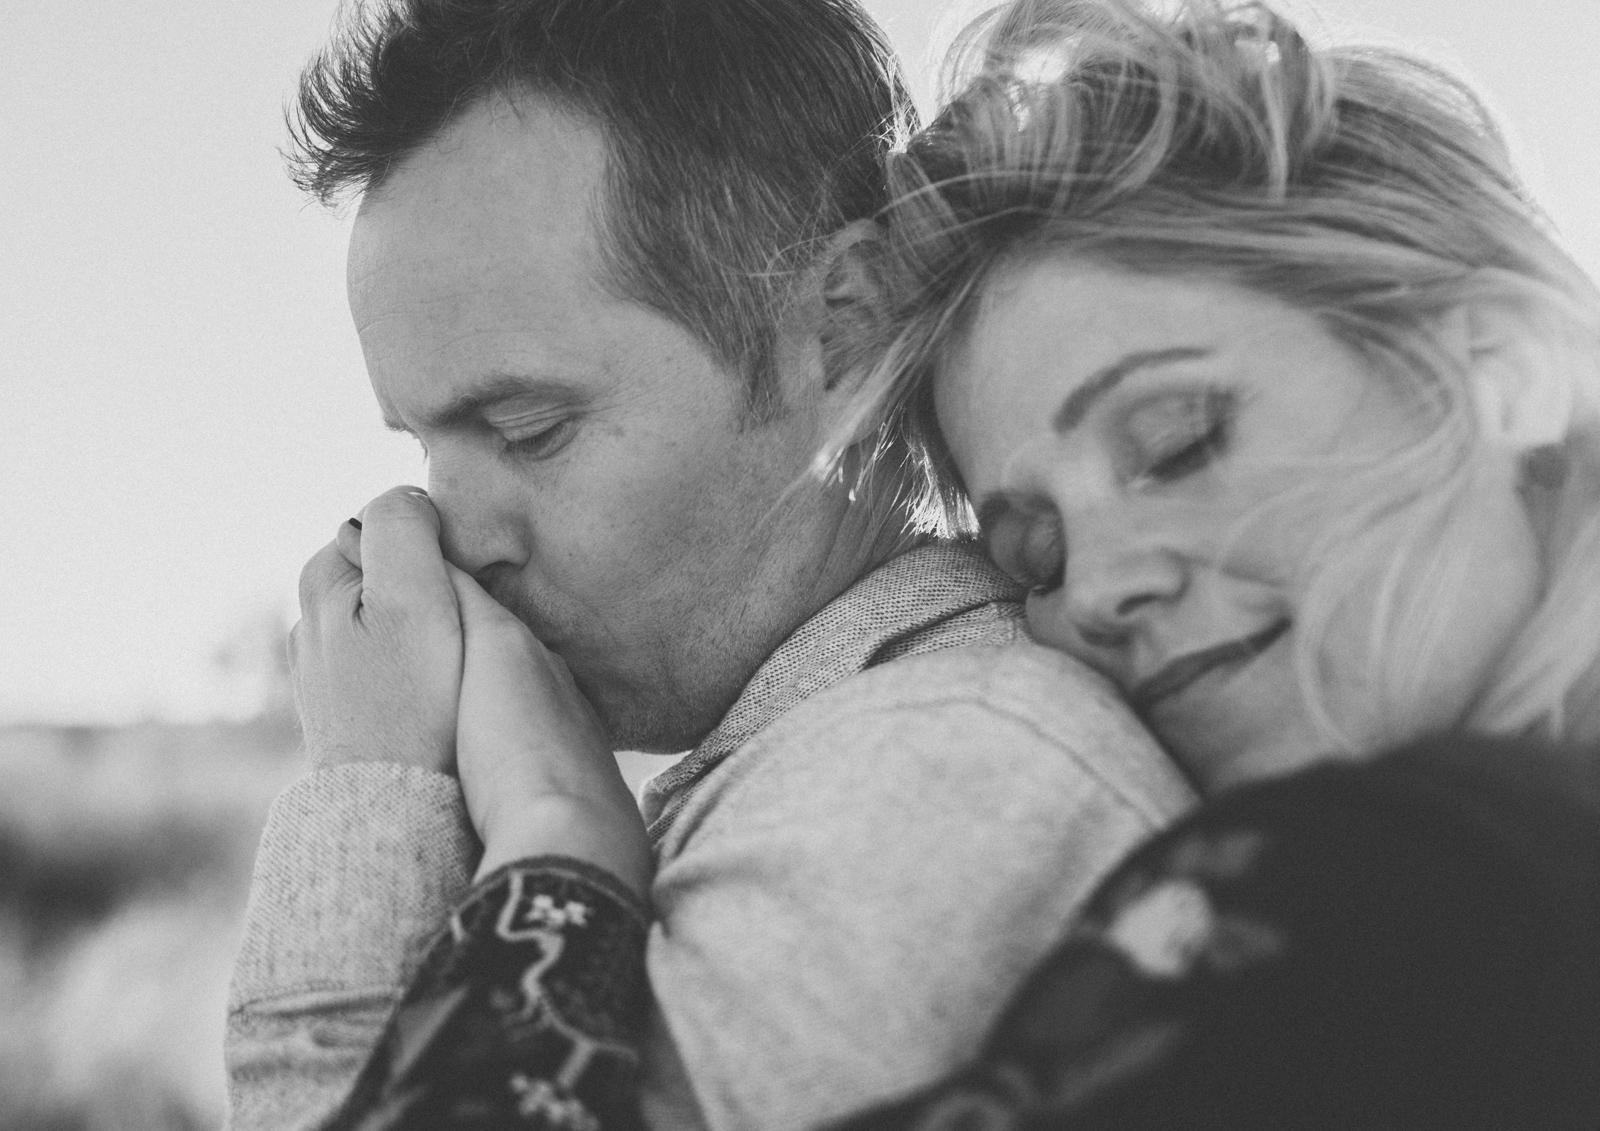 vanessabrack-yuma-arizona-engagement-couples-wedding-photographer-6825.jpg